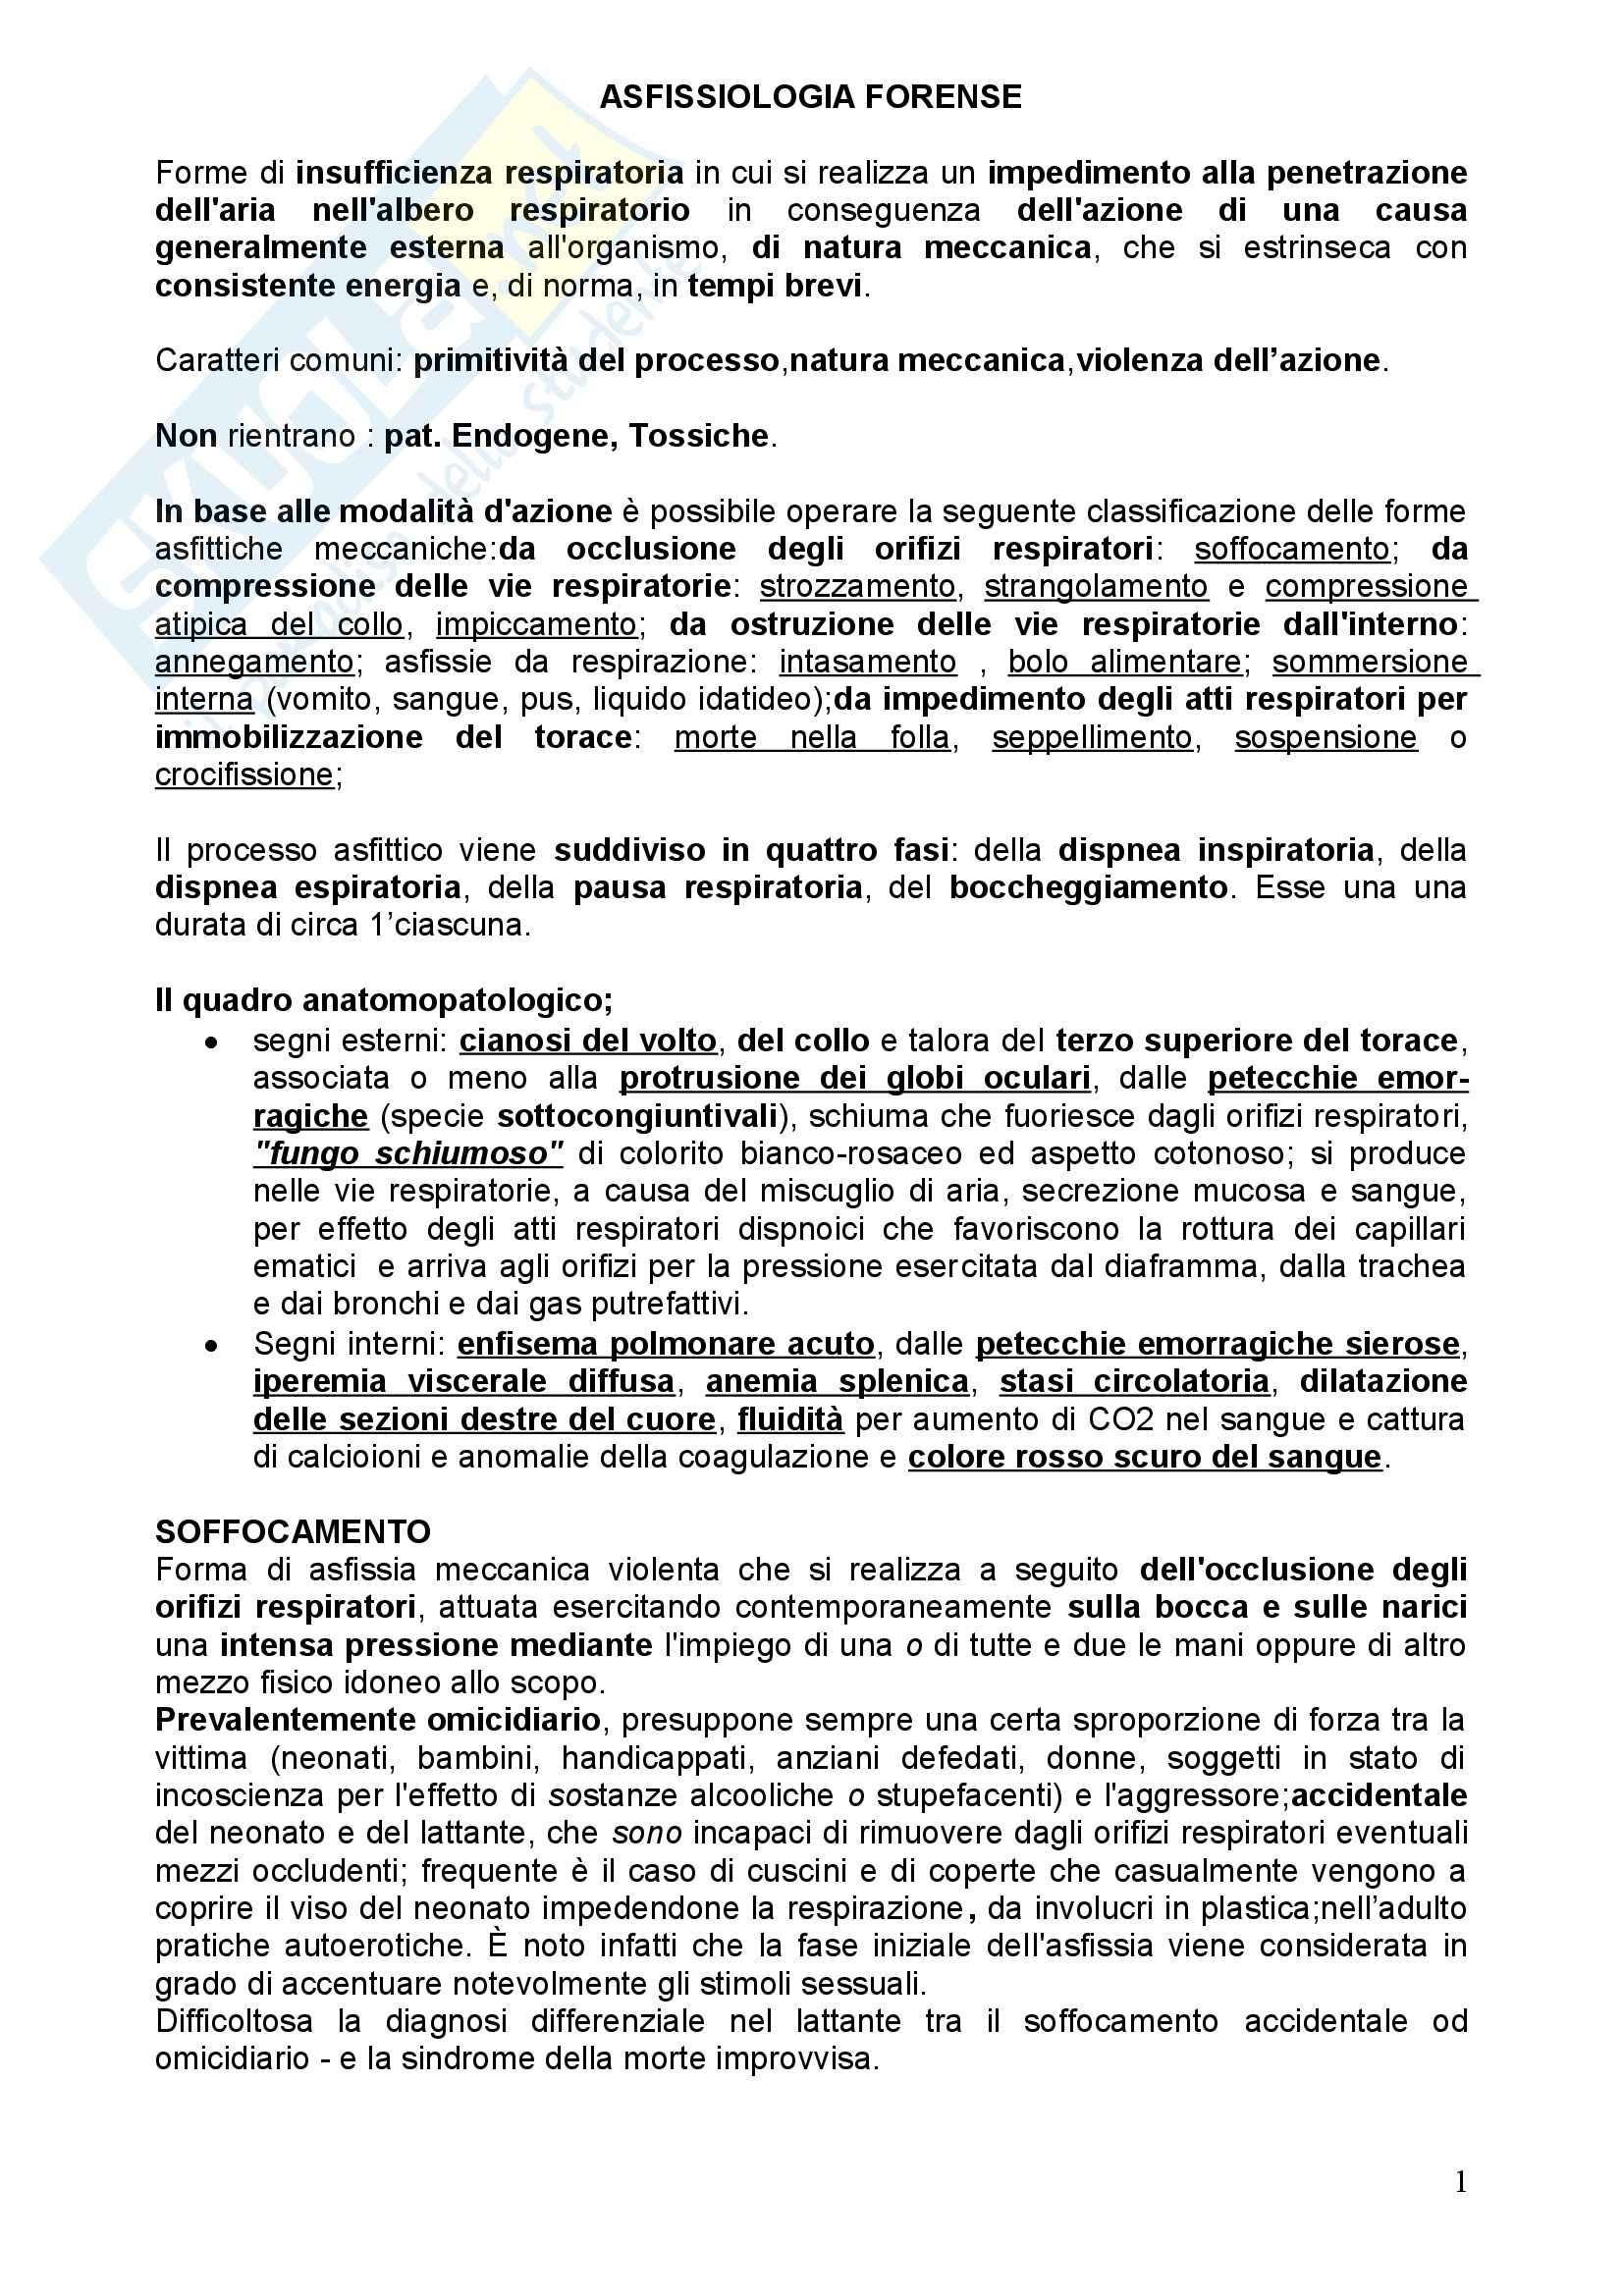 Medicina legale - asfissiologia forense